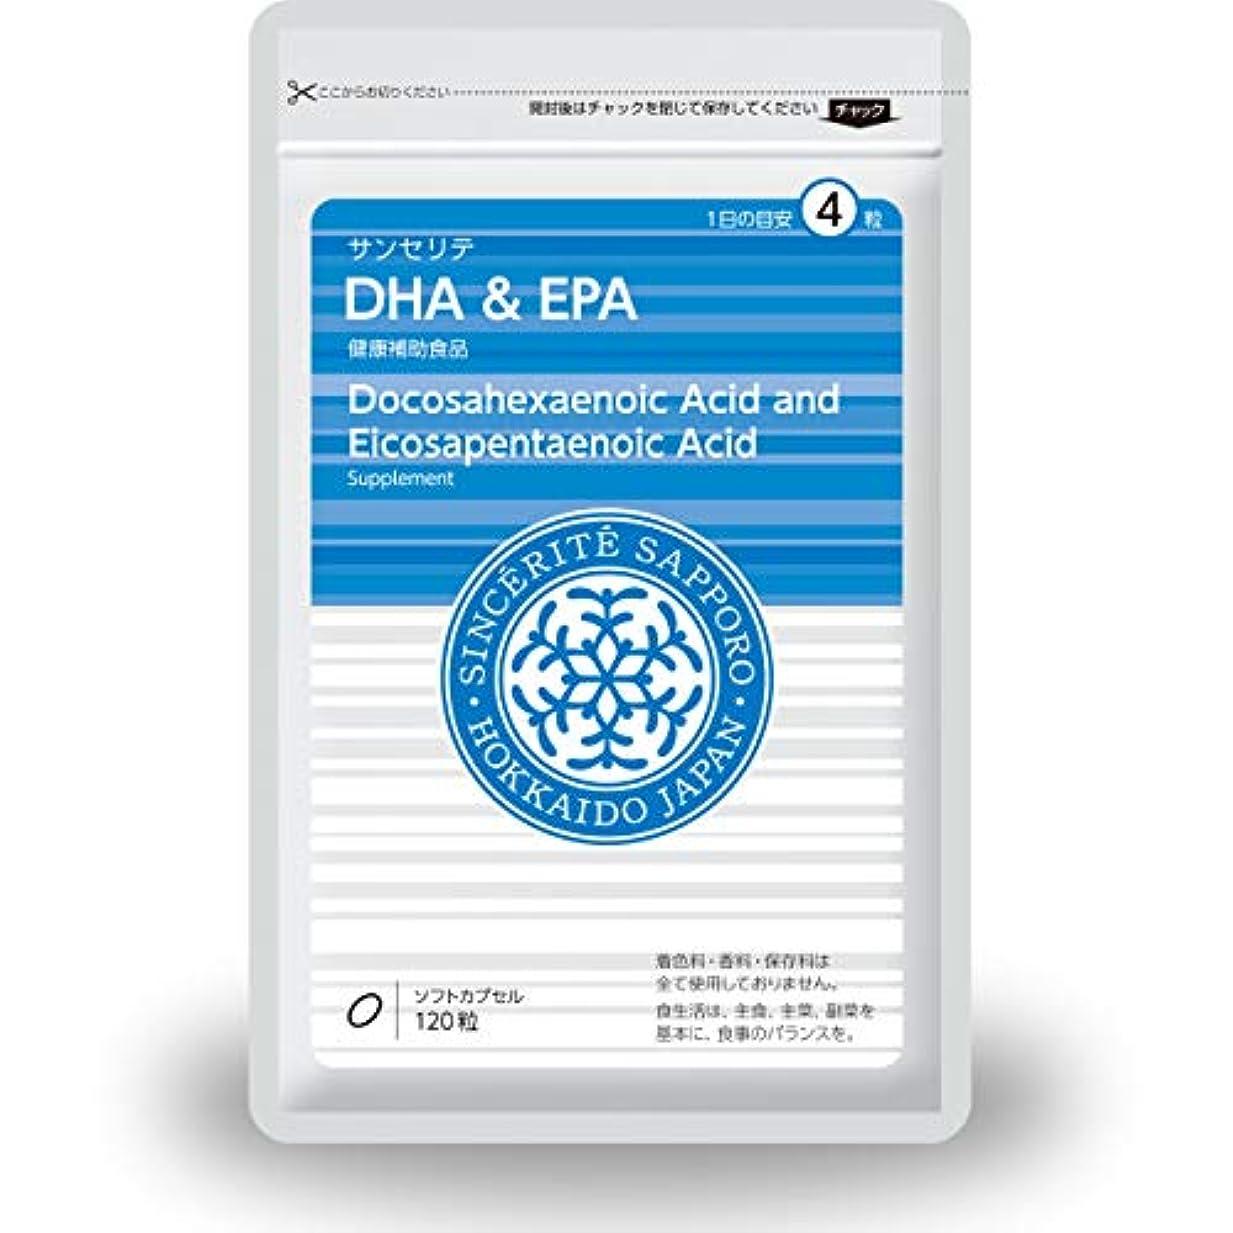 静脈ワイプ荒廃するDHA&EPA[送料無料][DHA]433mg配合[国内製造]しっかり30日分